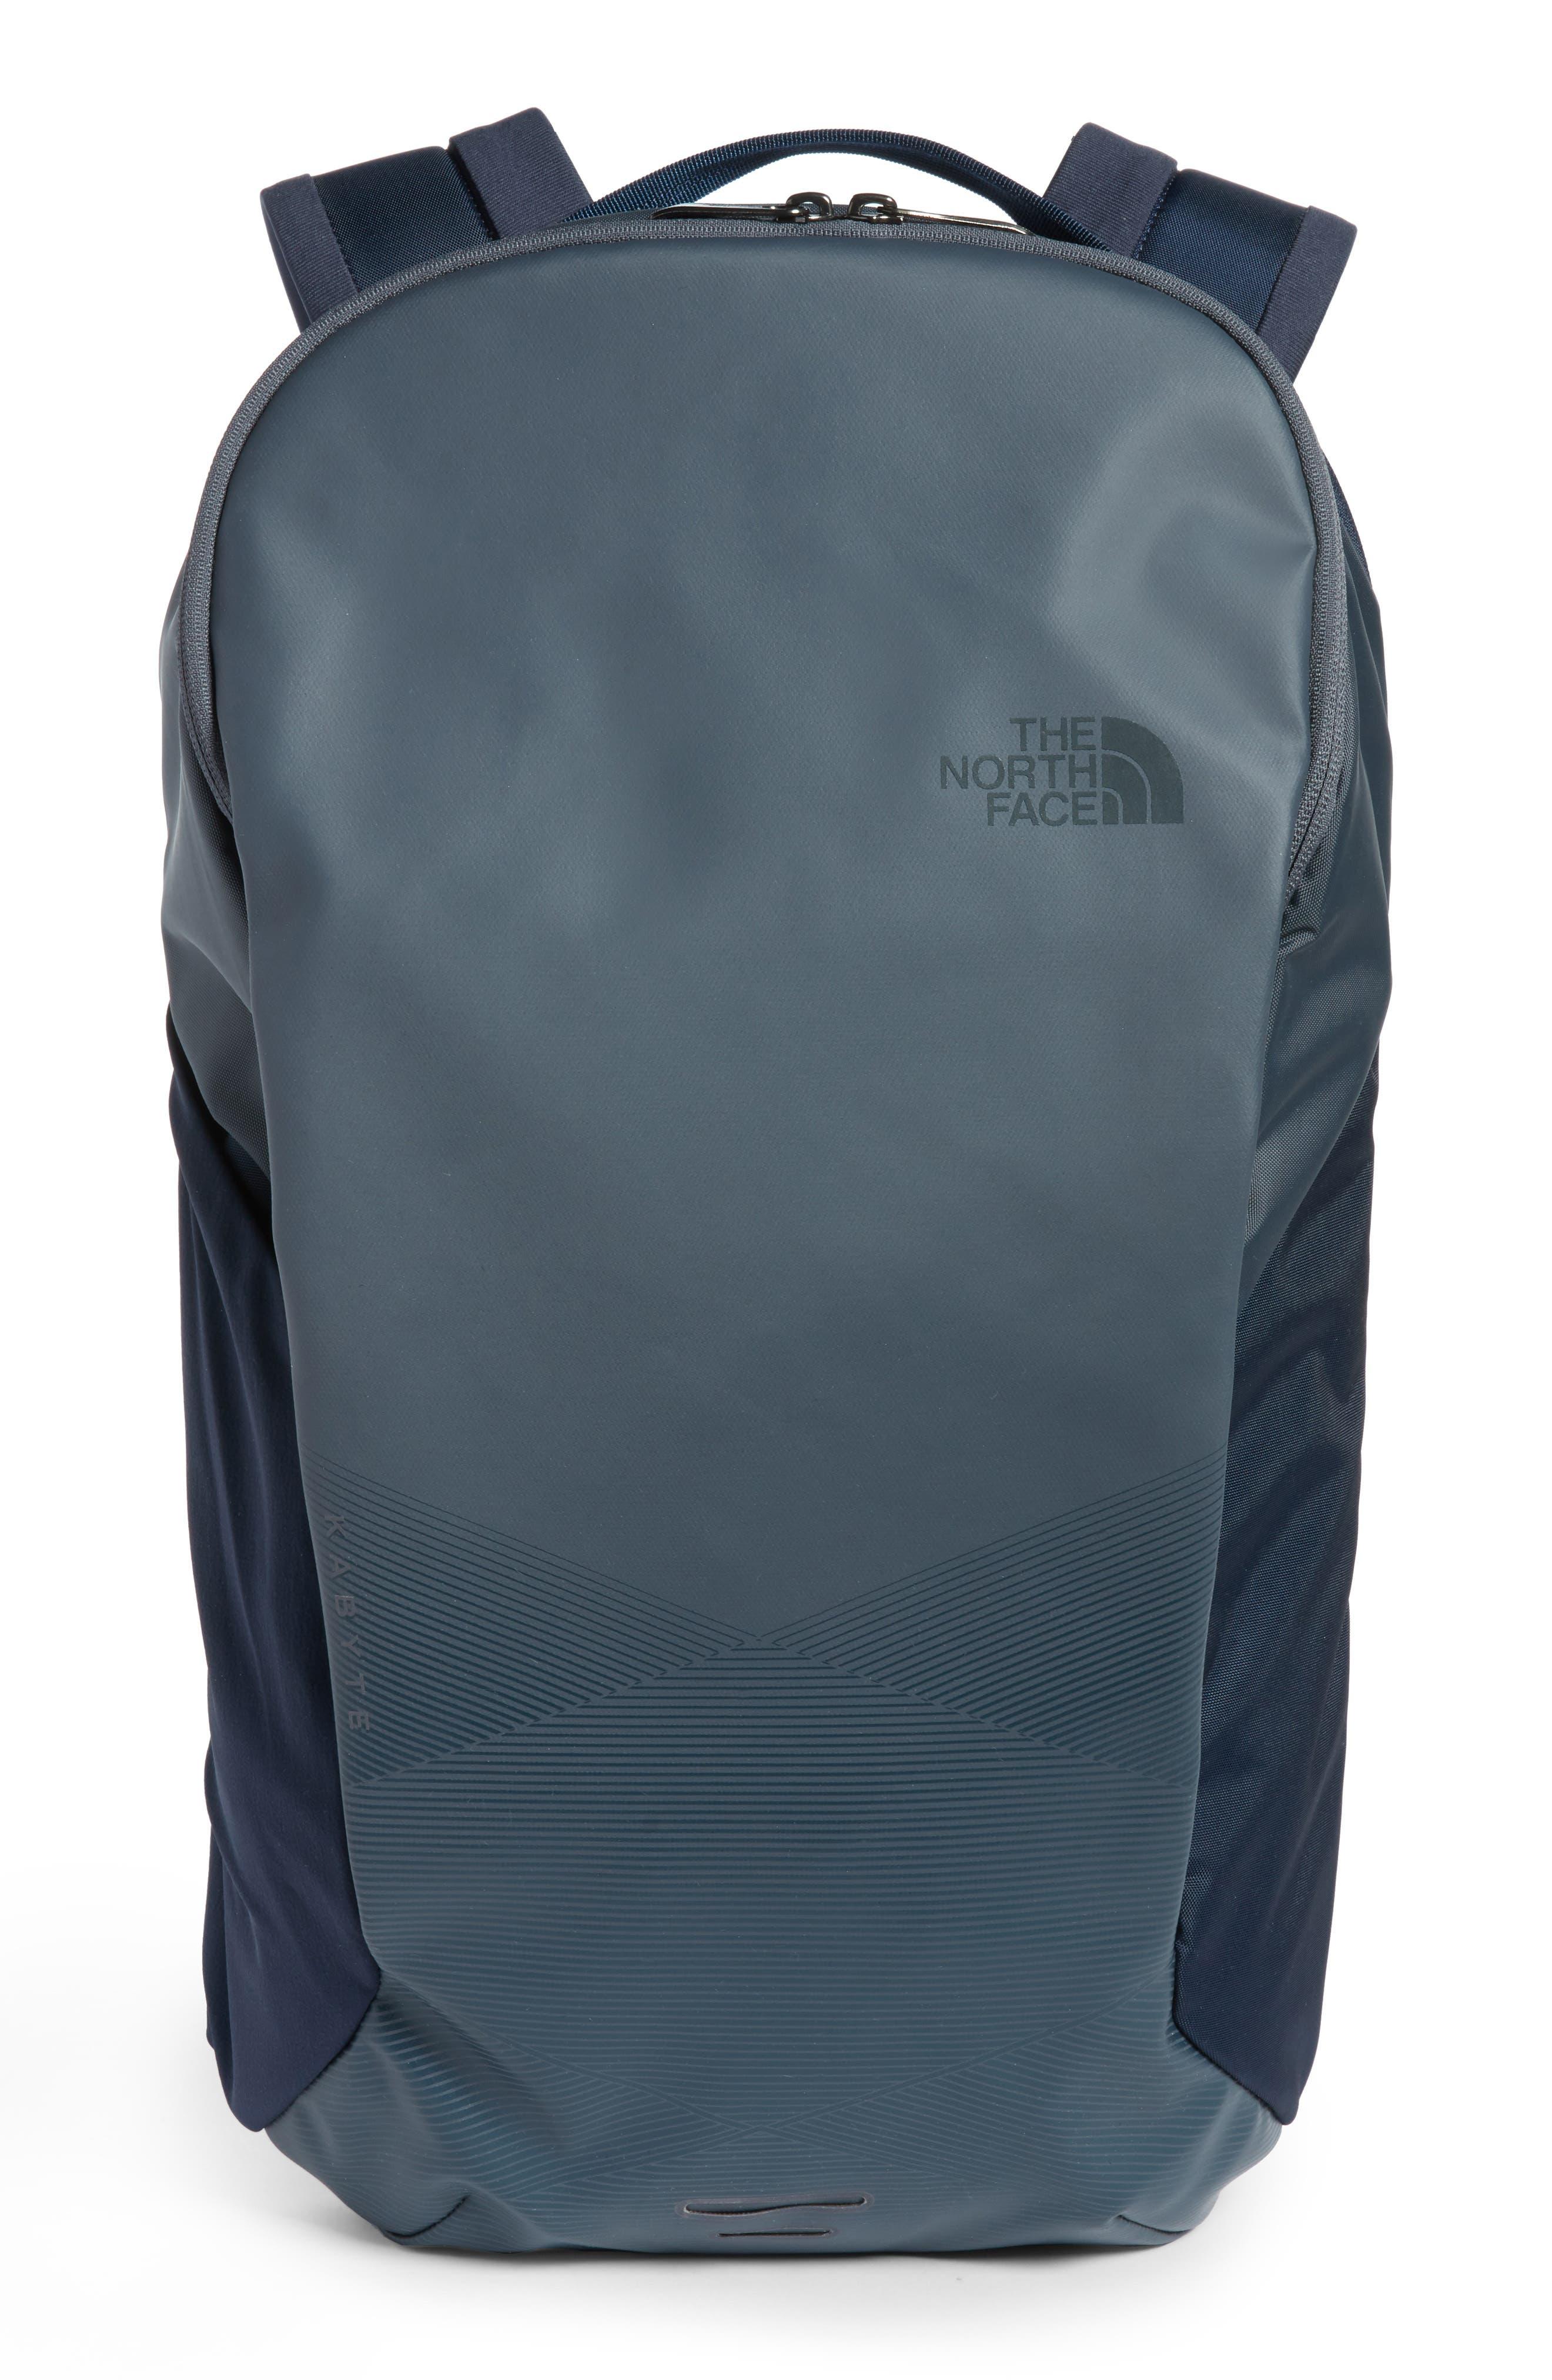 Kabyte Backpack,                             Main thumbnail 1, color,                             VANADIS GREY/ URBAN NAVY